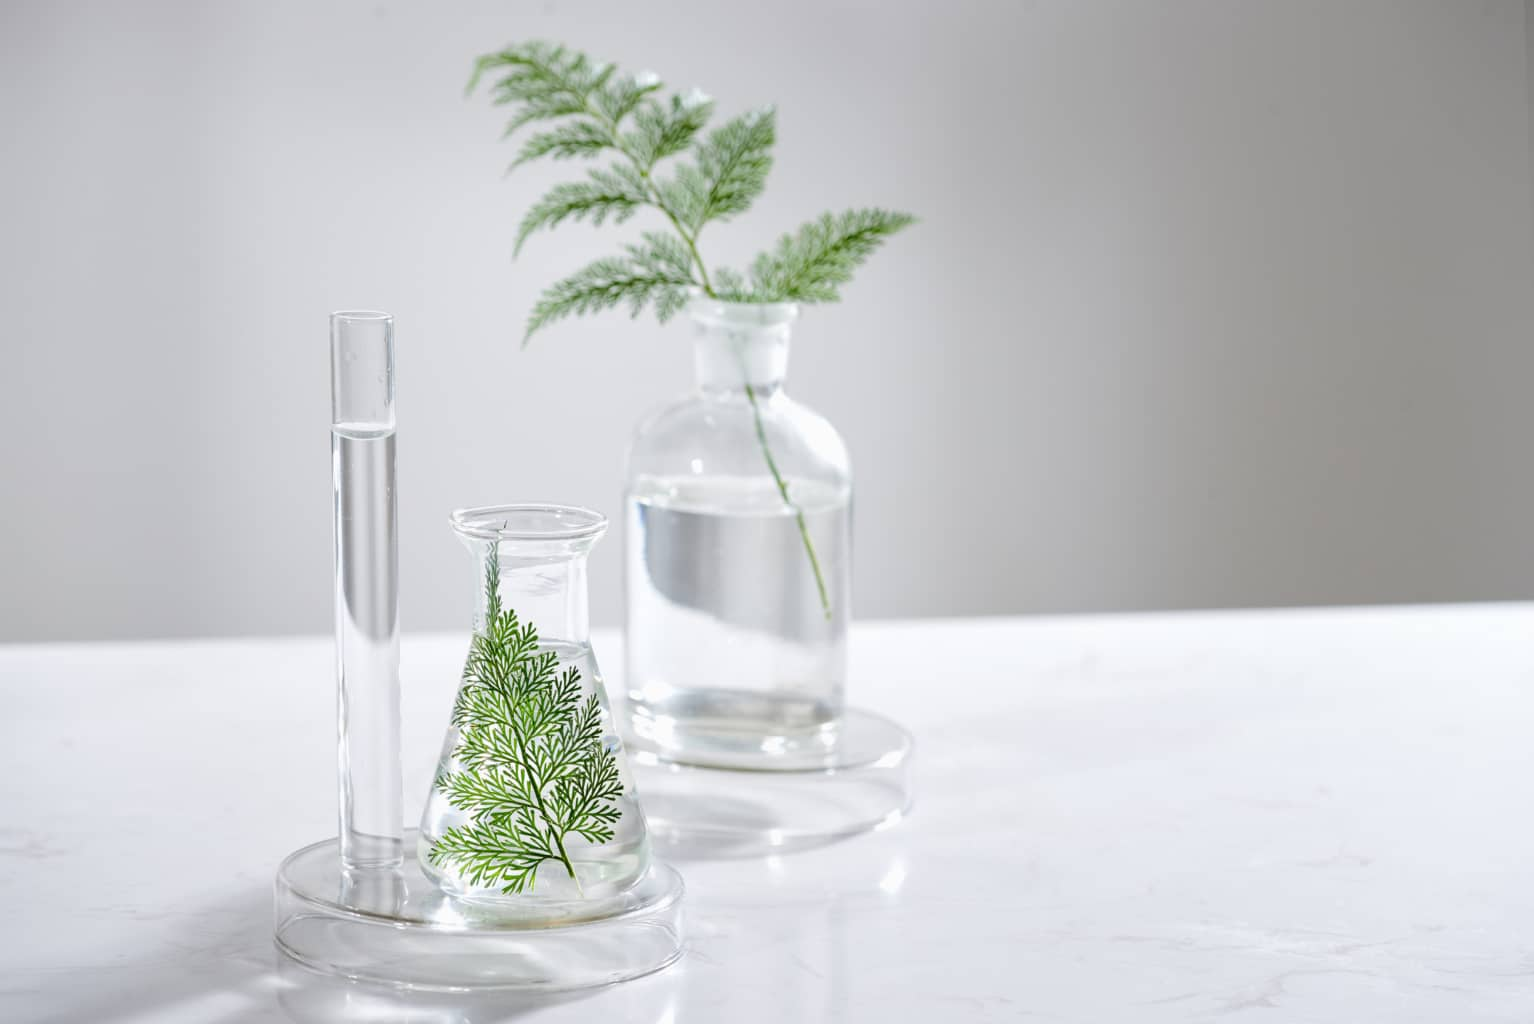 Focus sur la composition de cosmétiques naturels